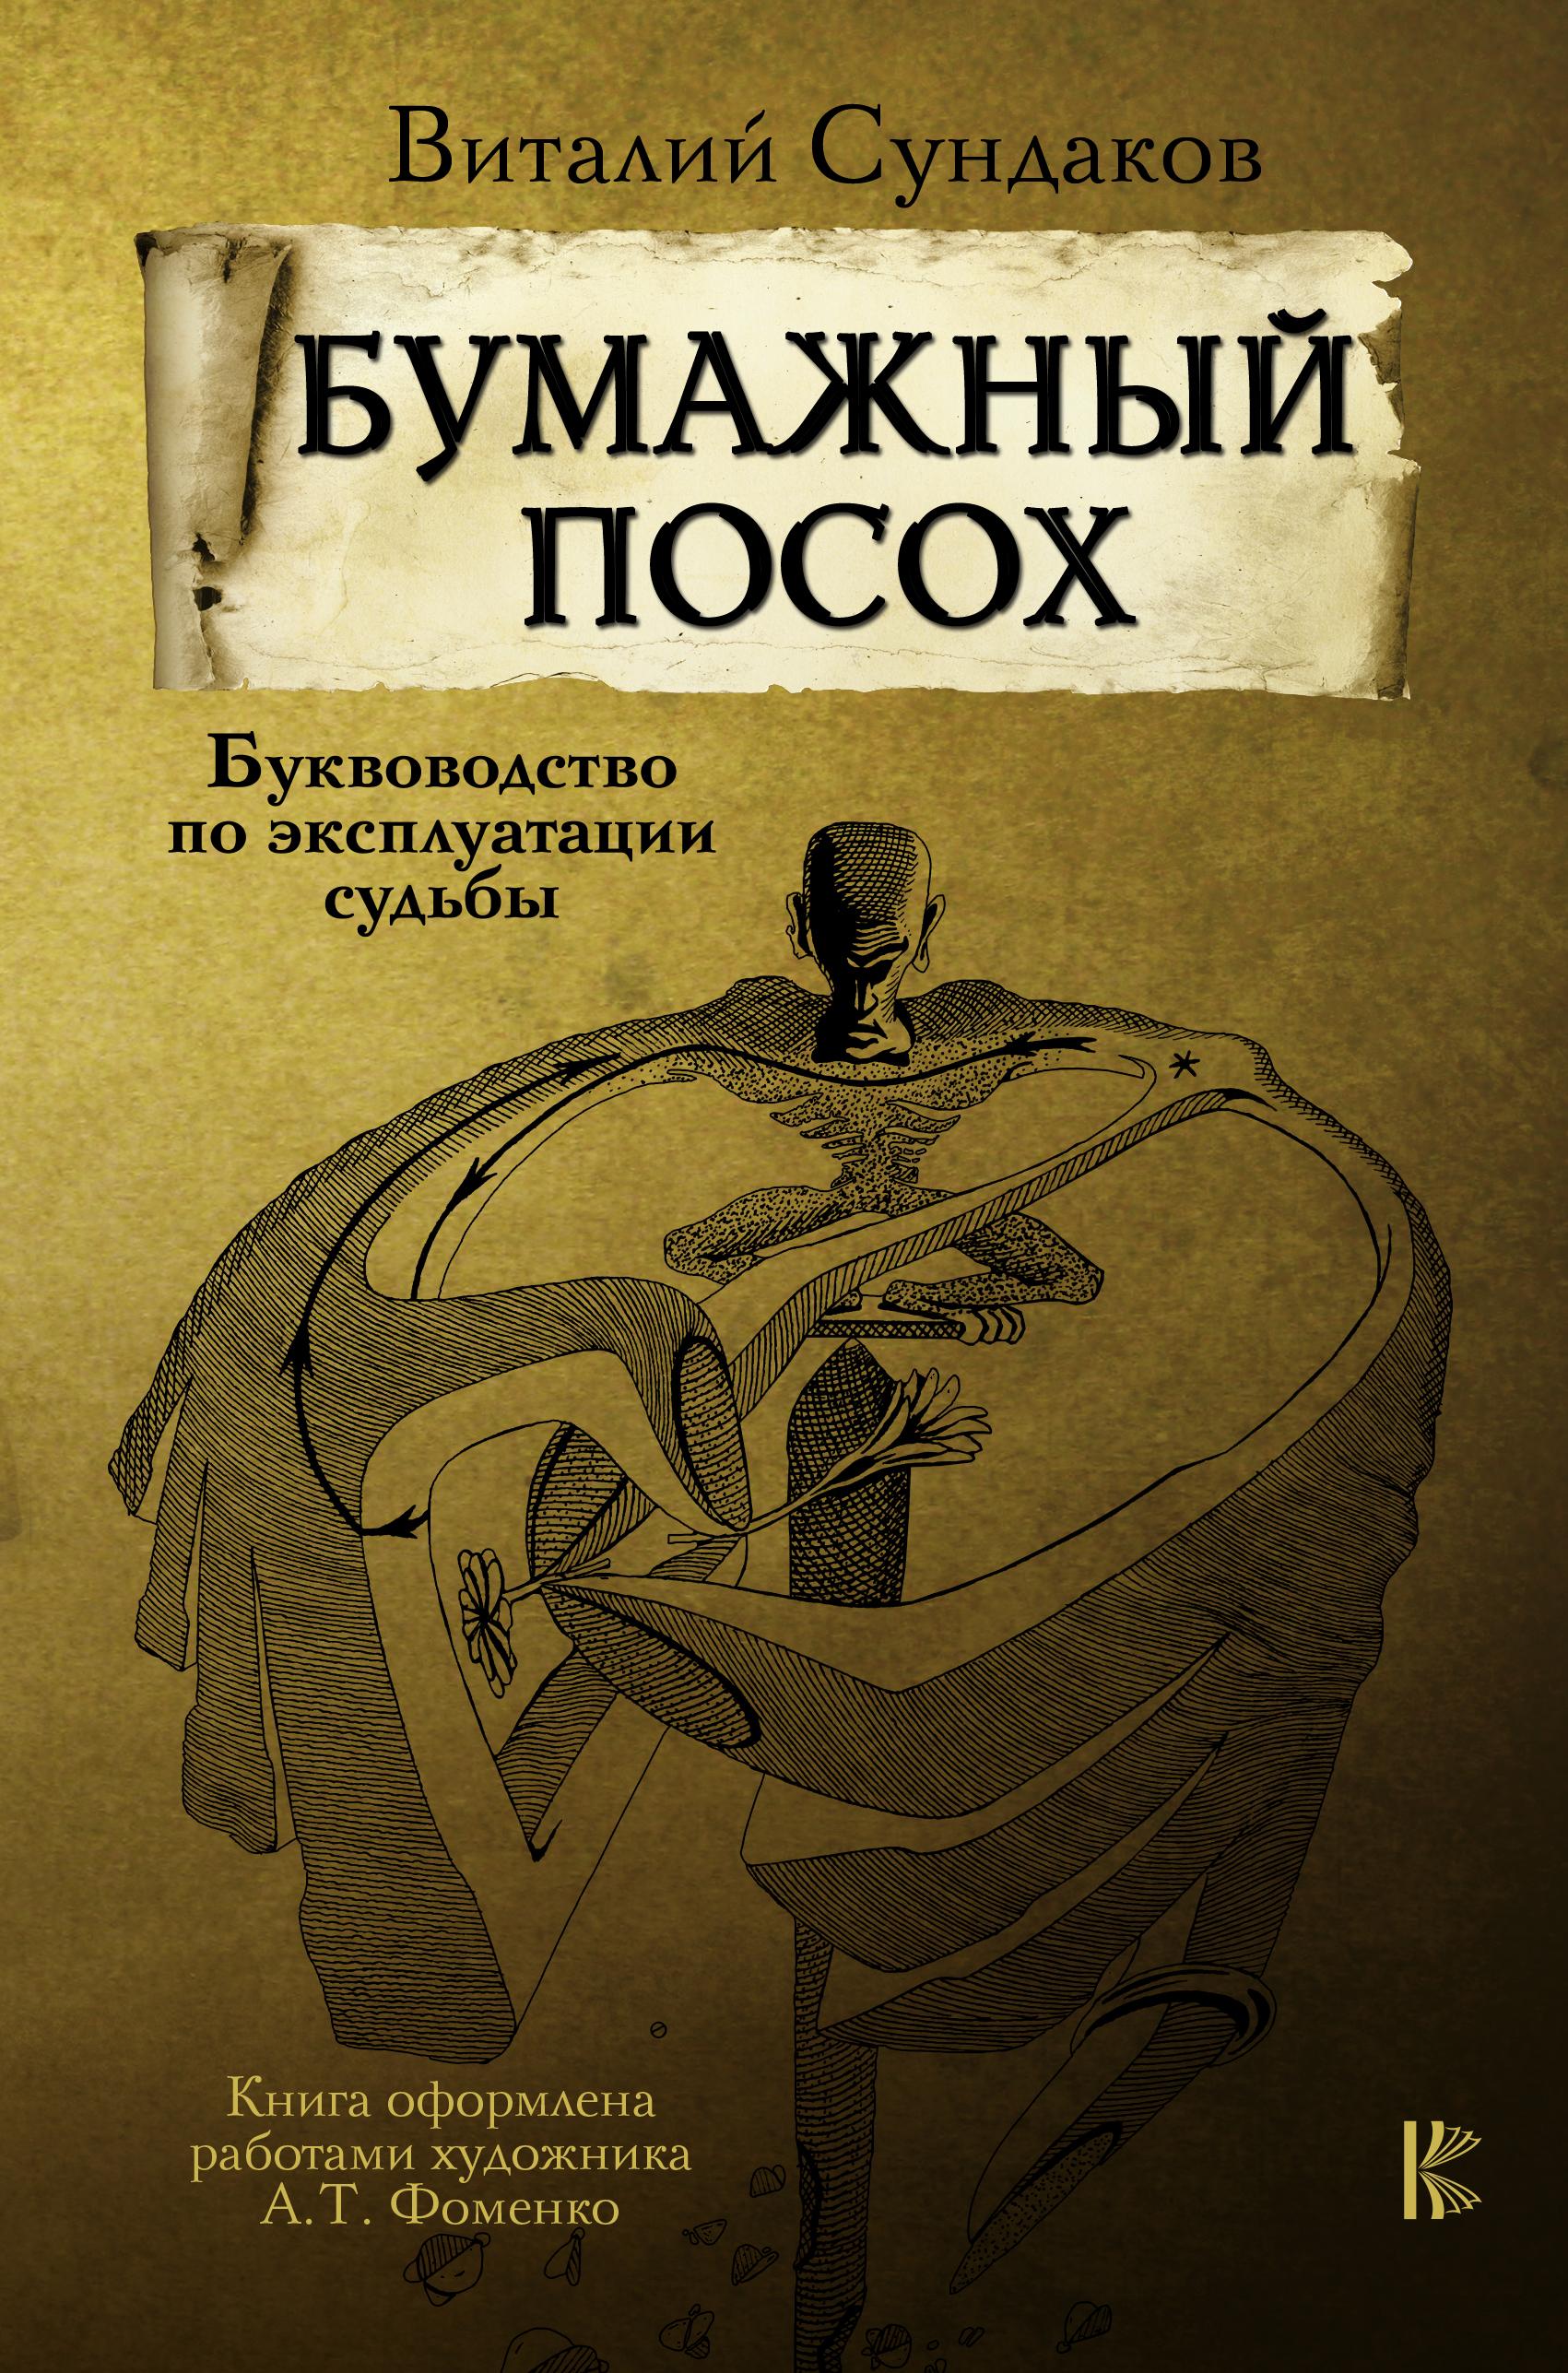 Сундаков В.В. Бумажный посох хозяин уральской тайг